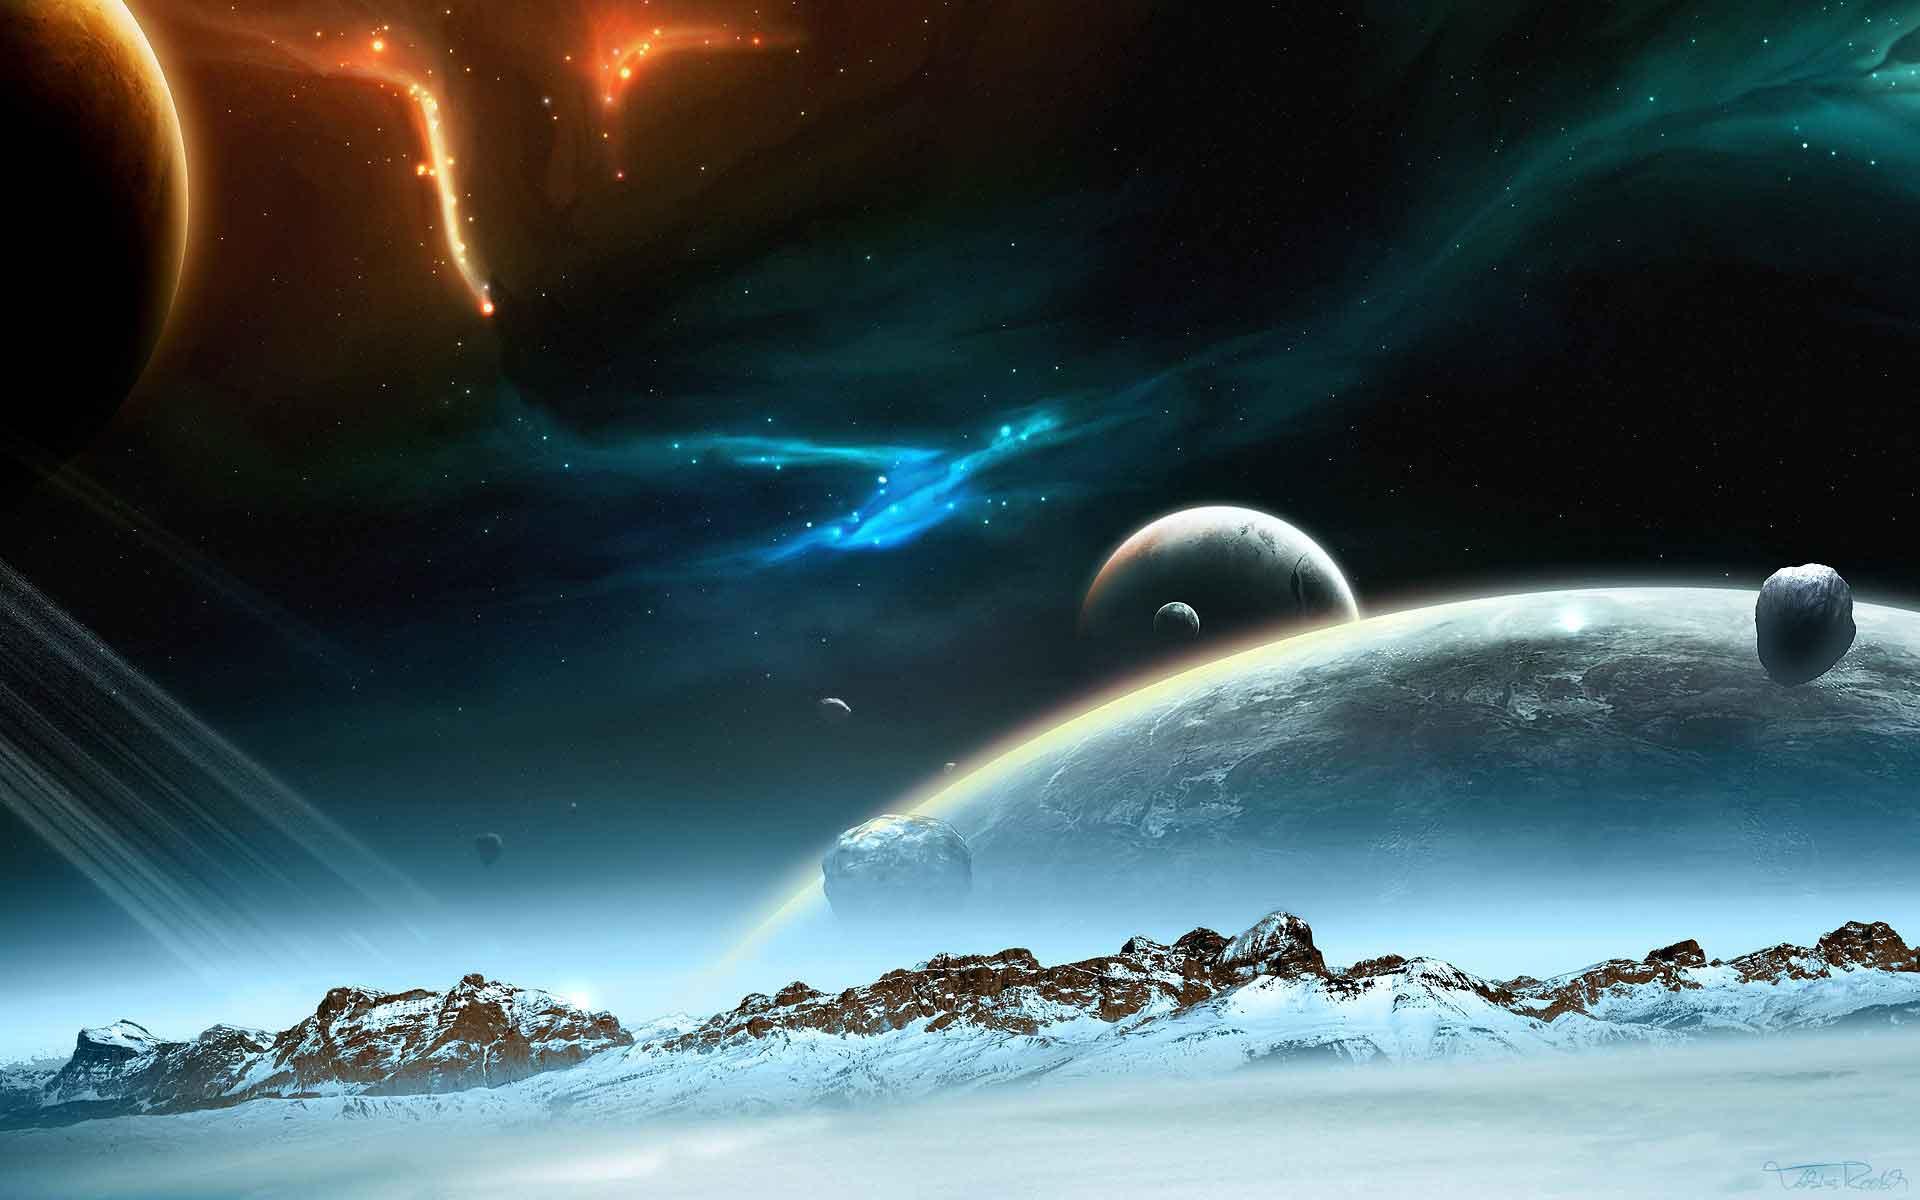 Rüyada 9 gezegeni görmek 10